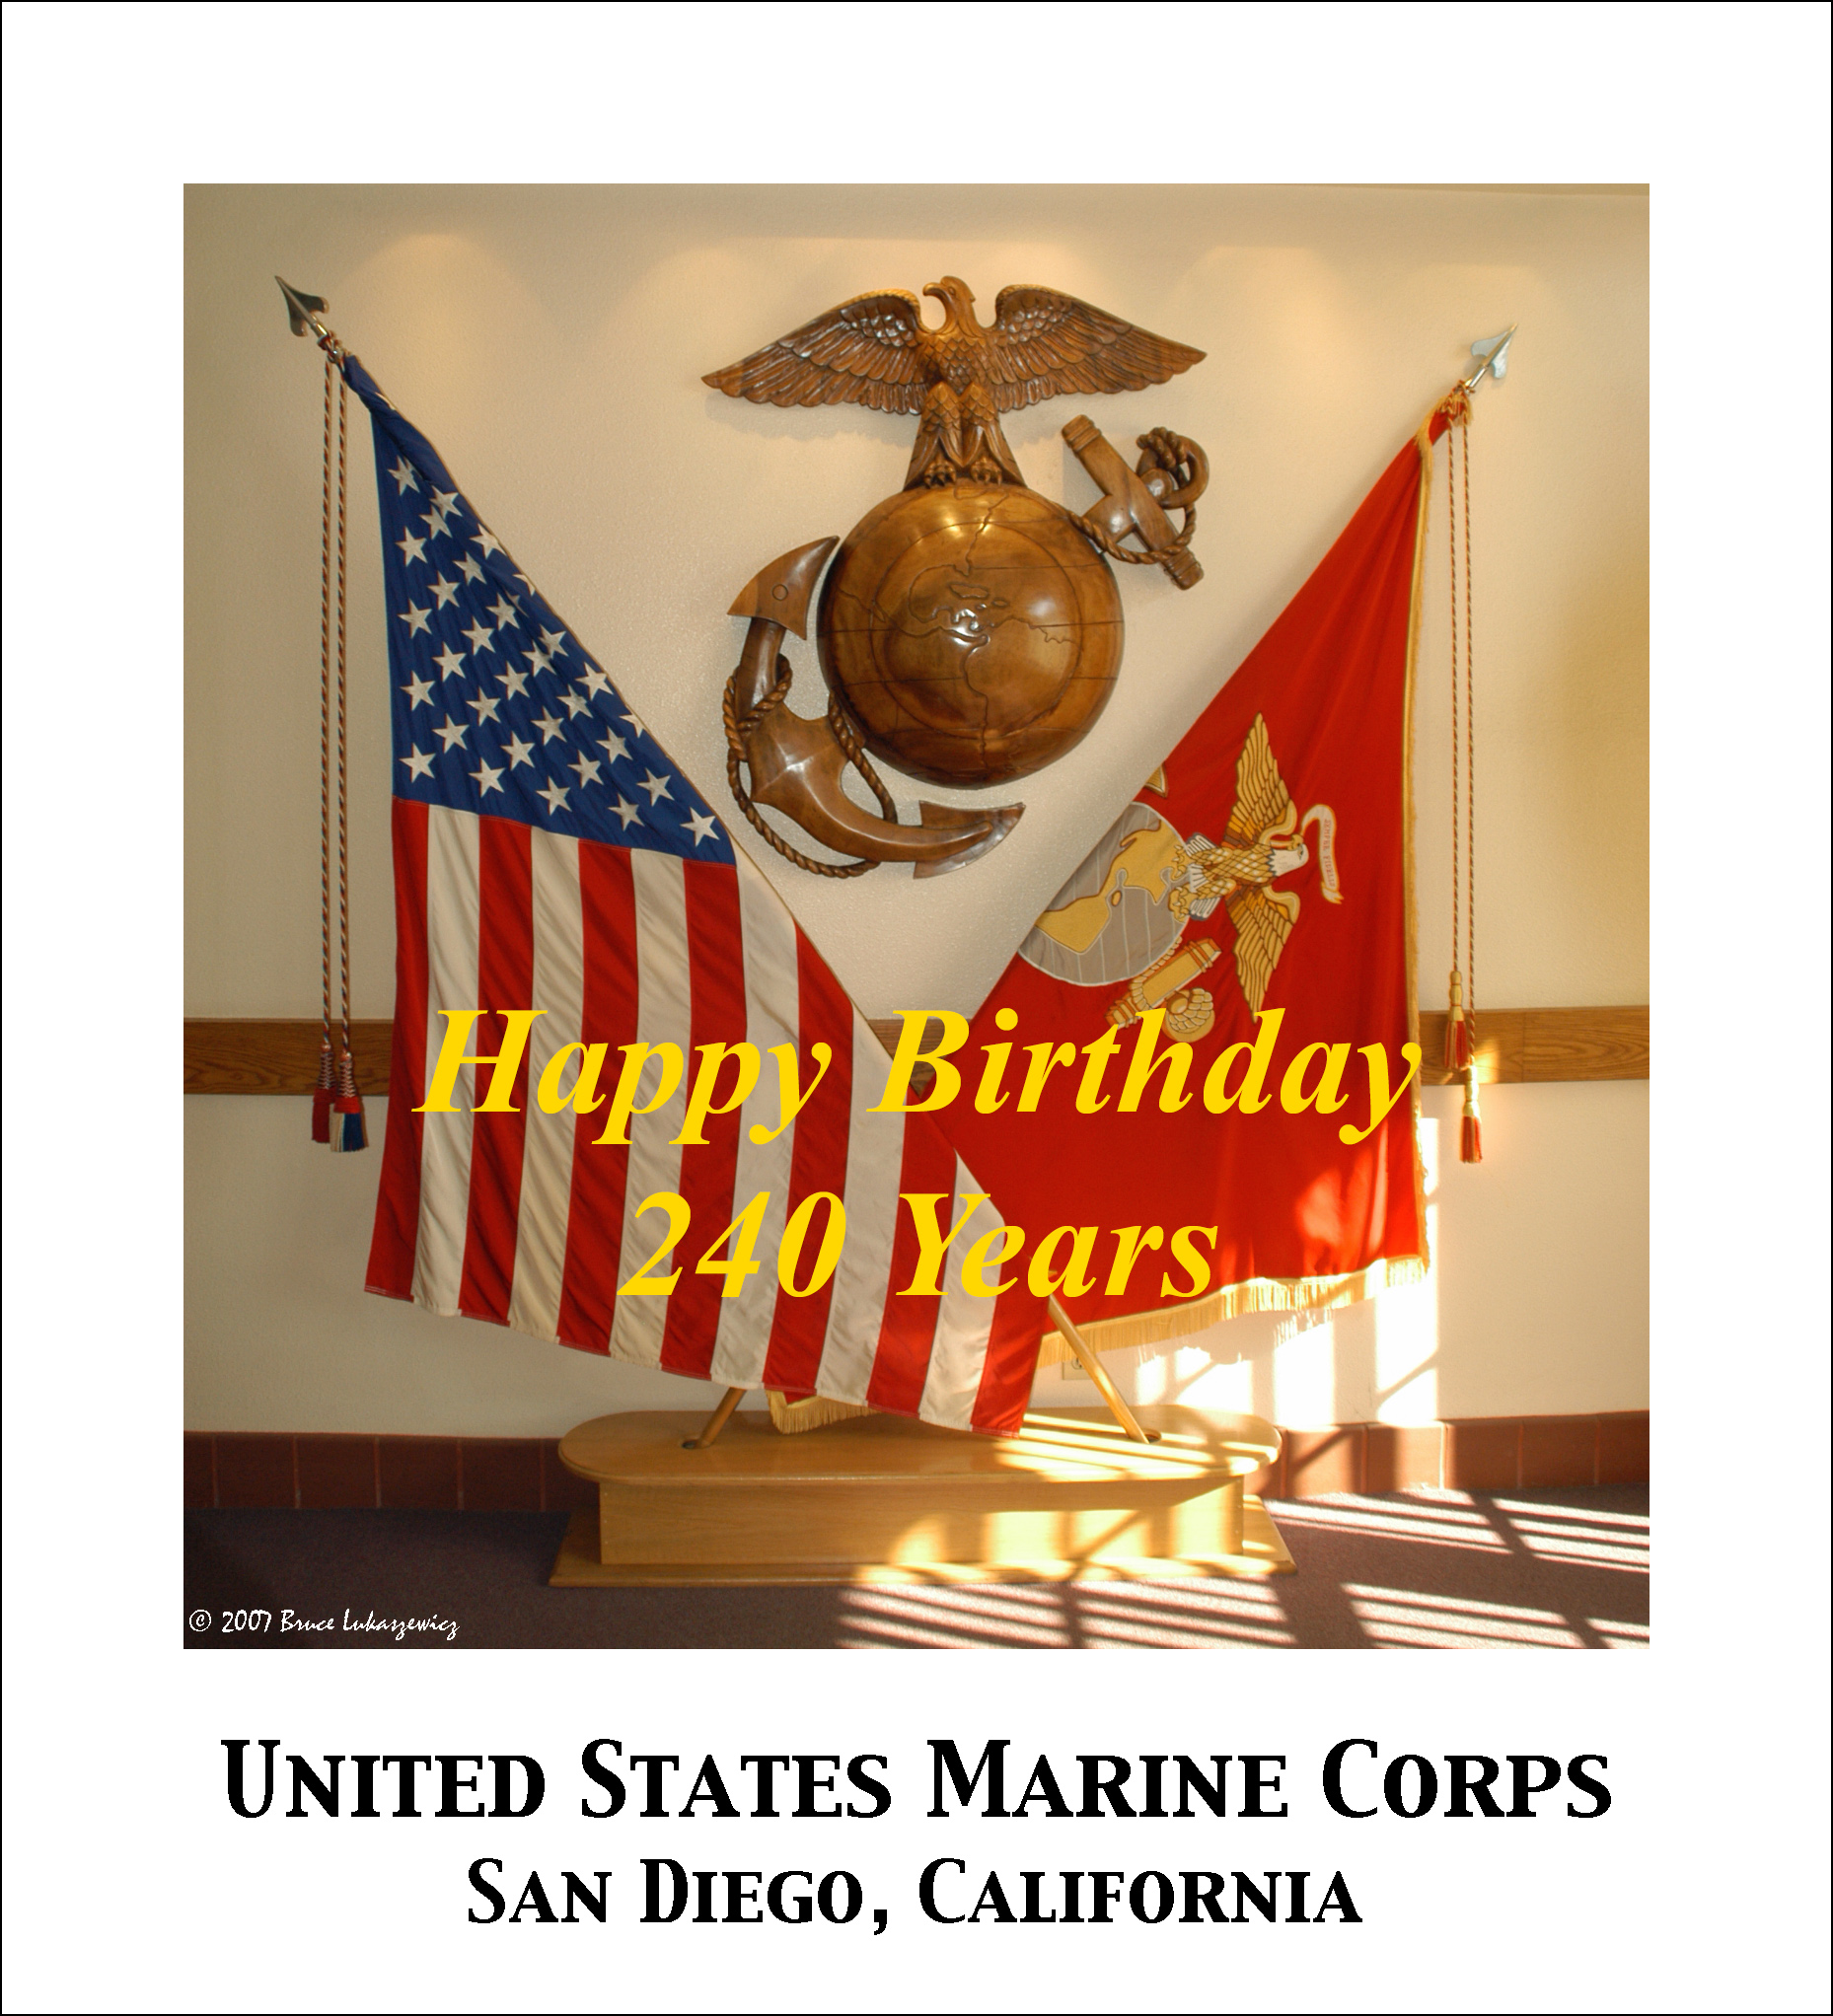 USMC - 240 Years